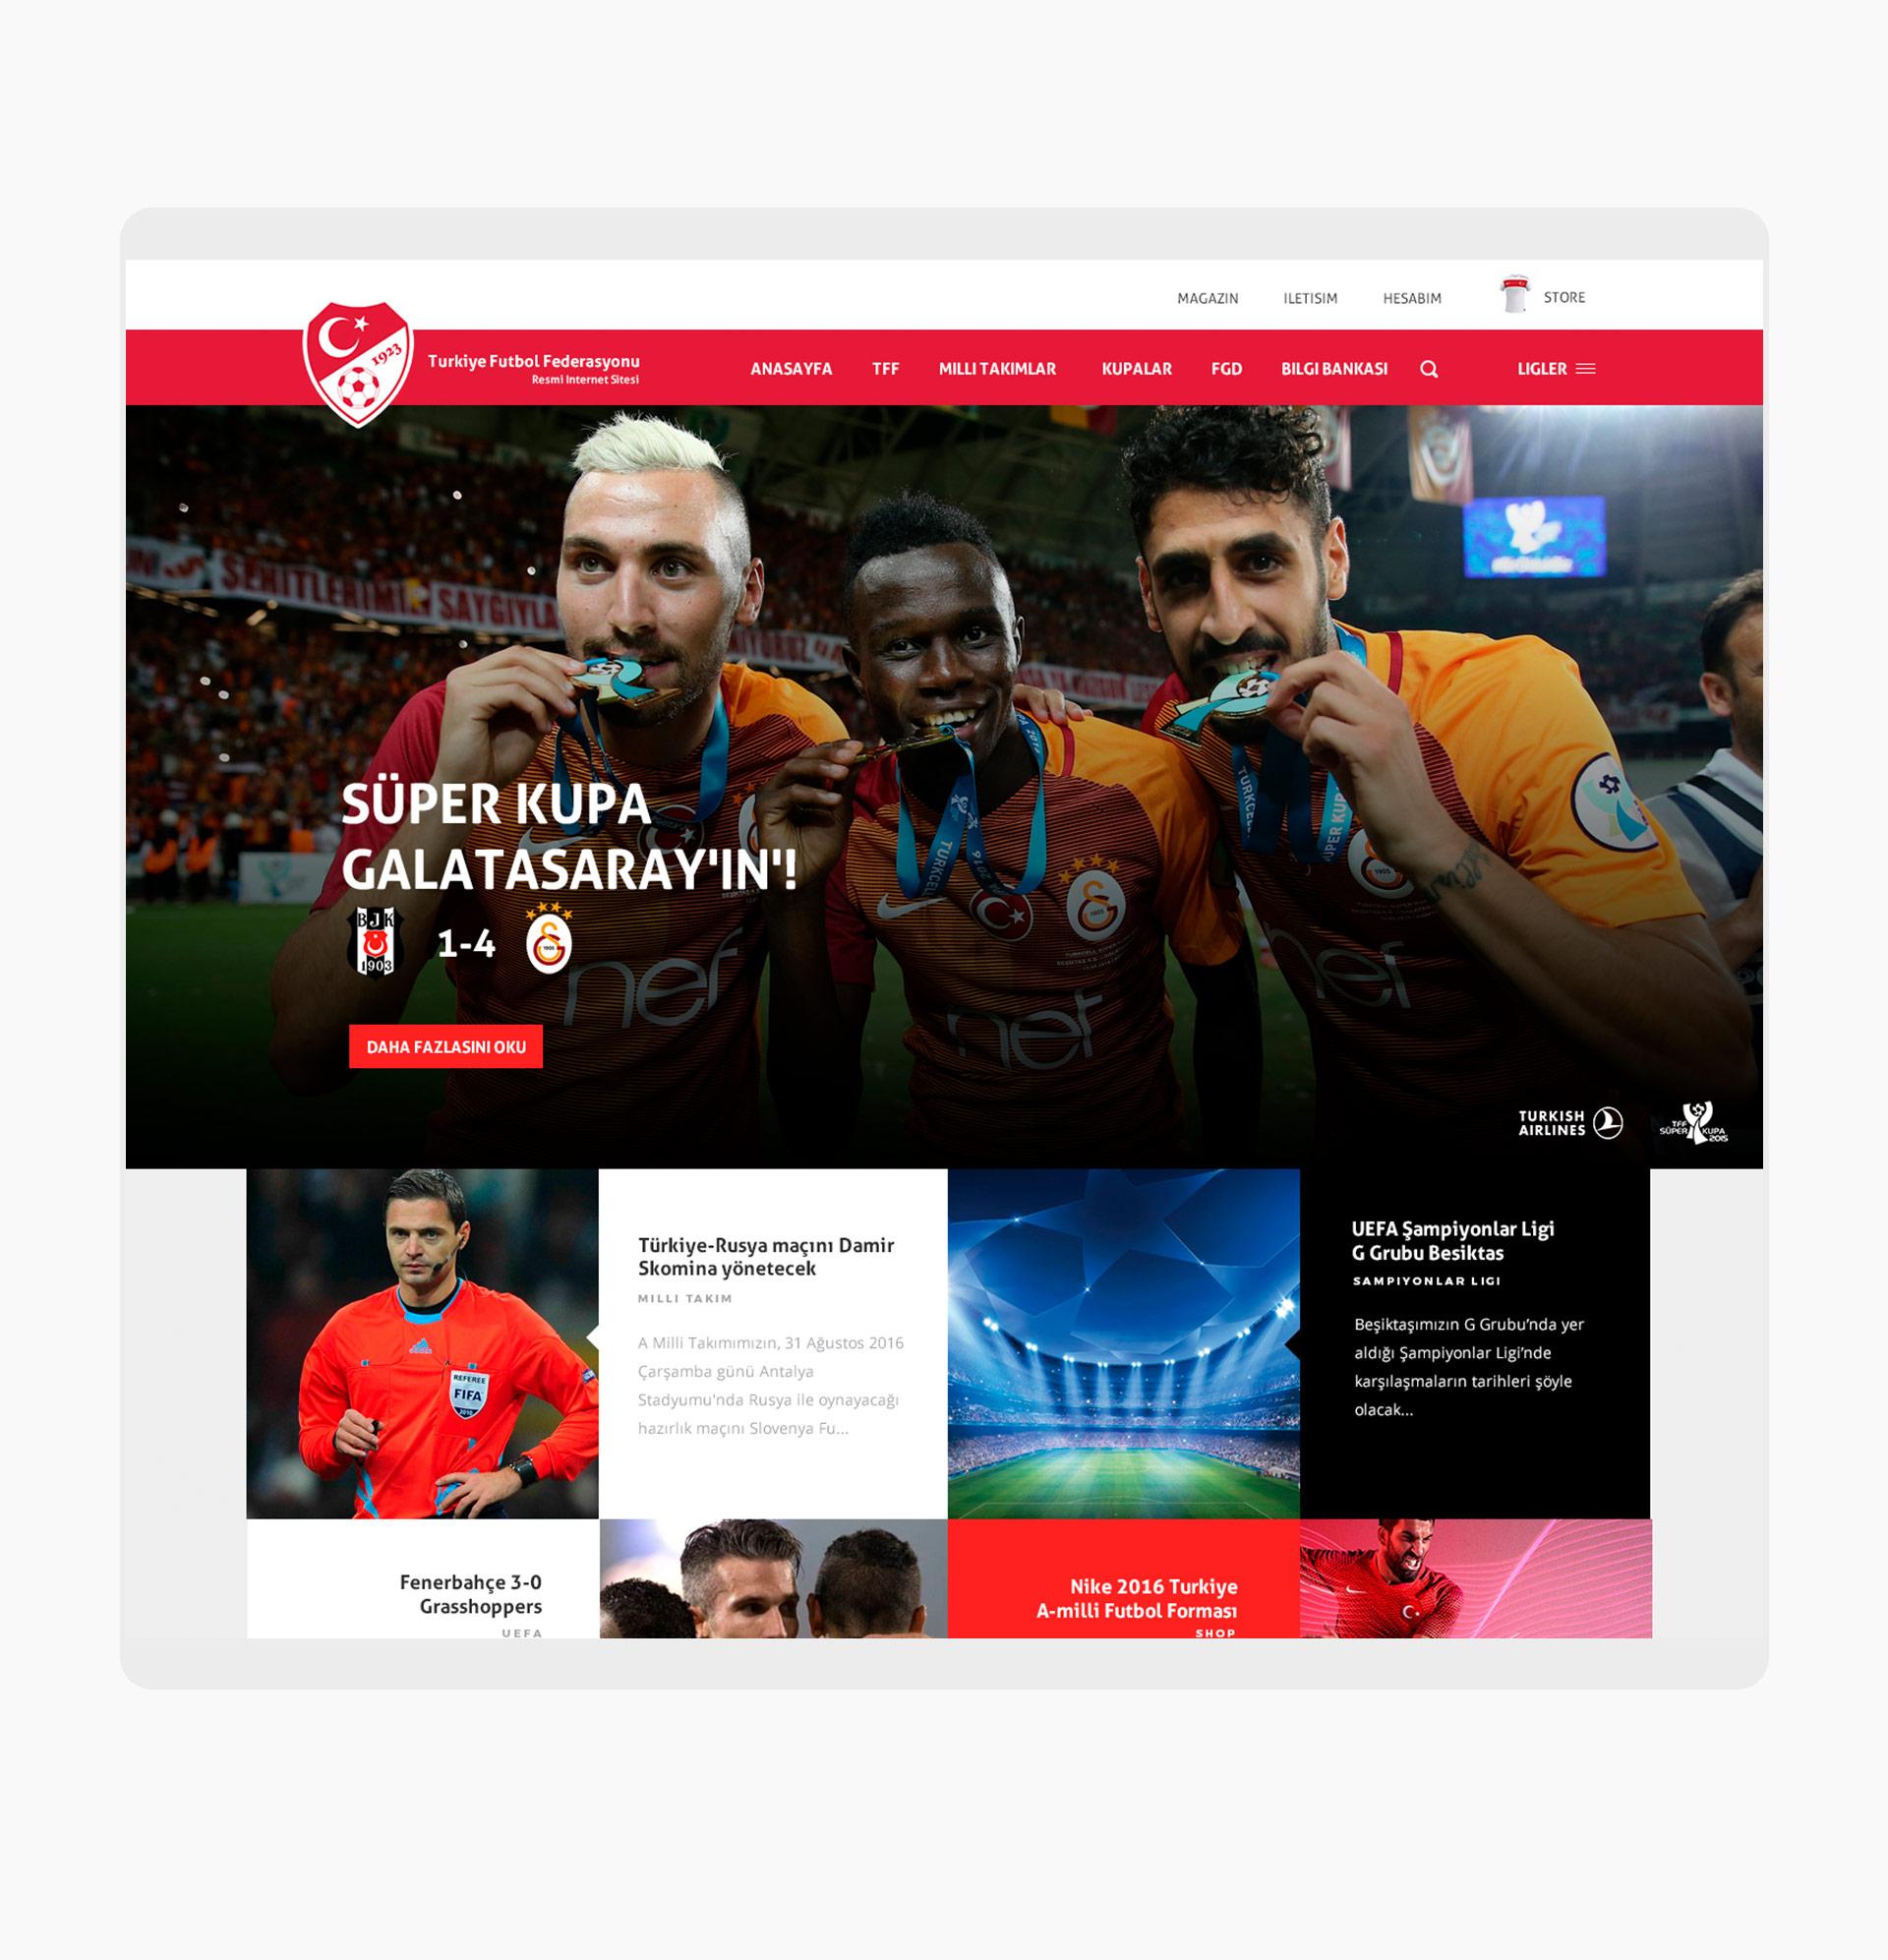 turk-futbol-federasyonu-3